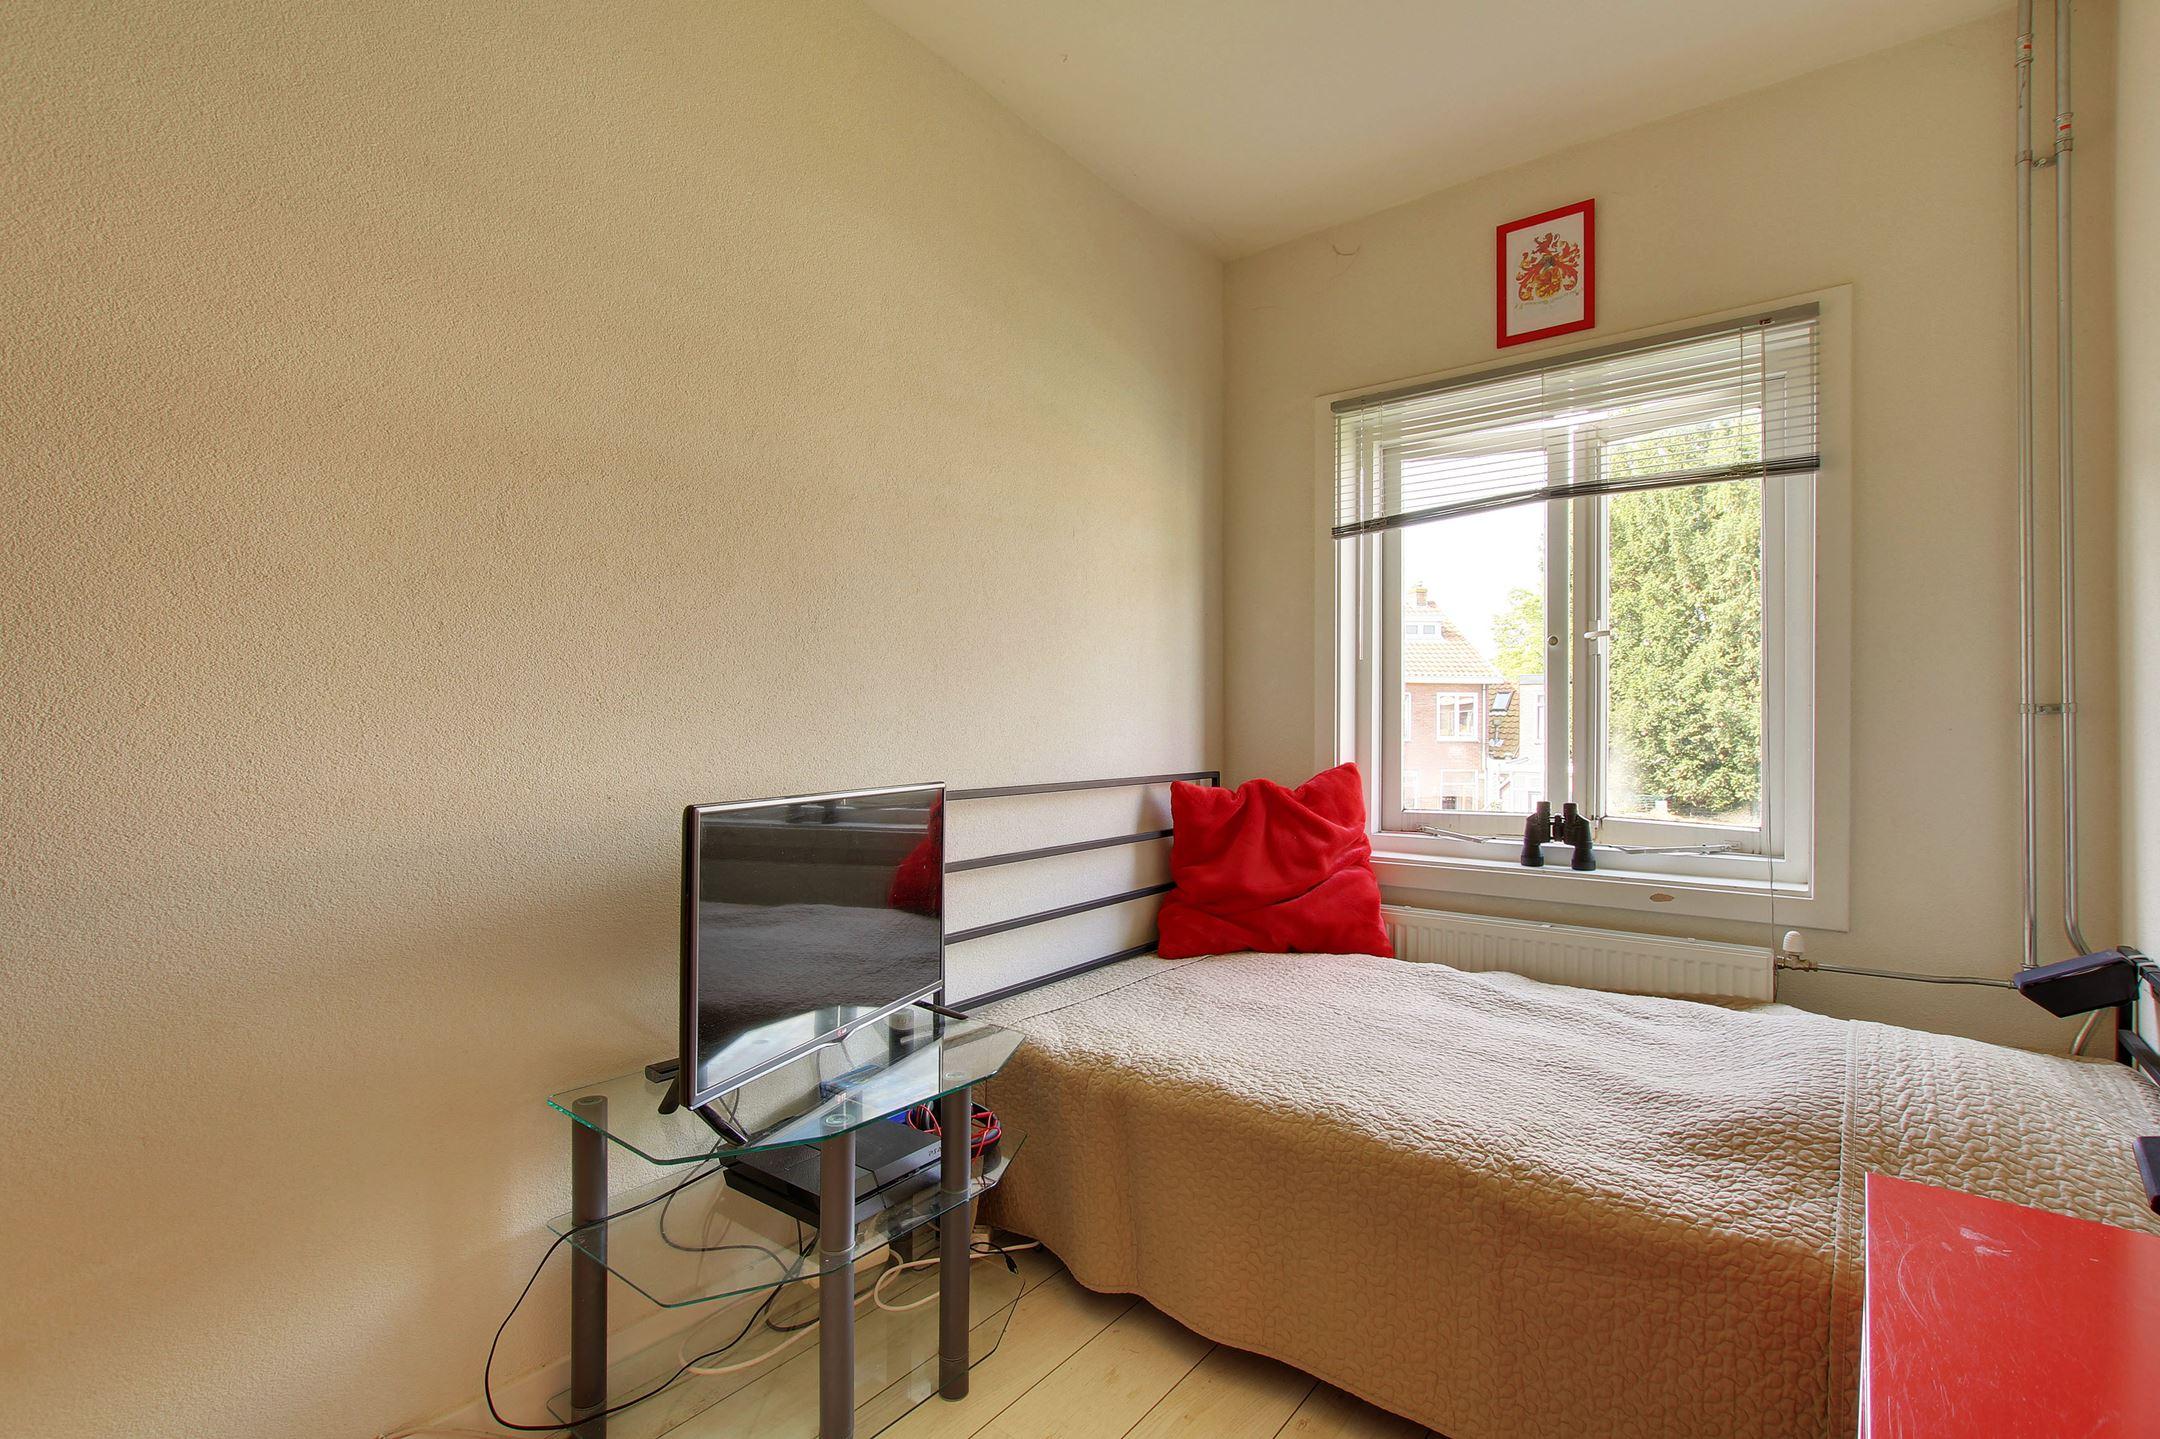 Appartement te koop: Constantijn Huygensstraat 34 rood 2026 XX ...